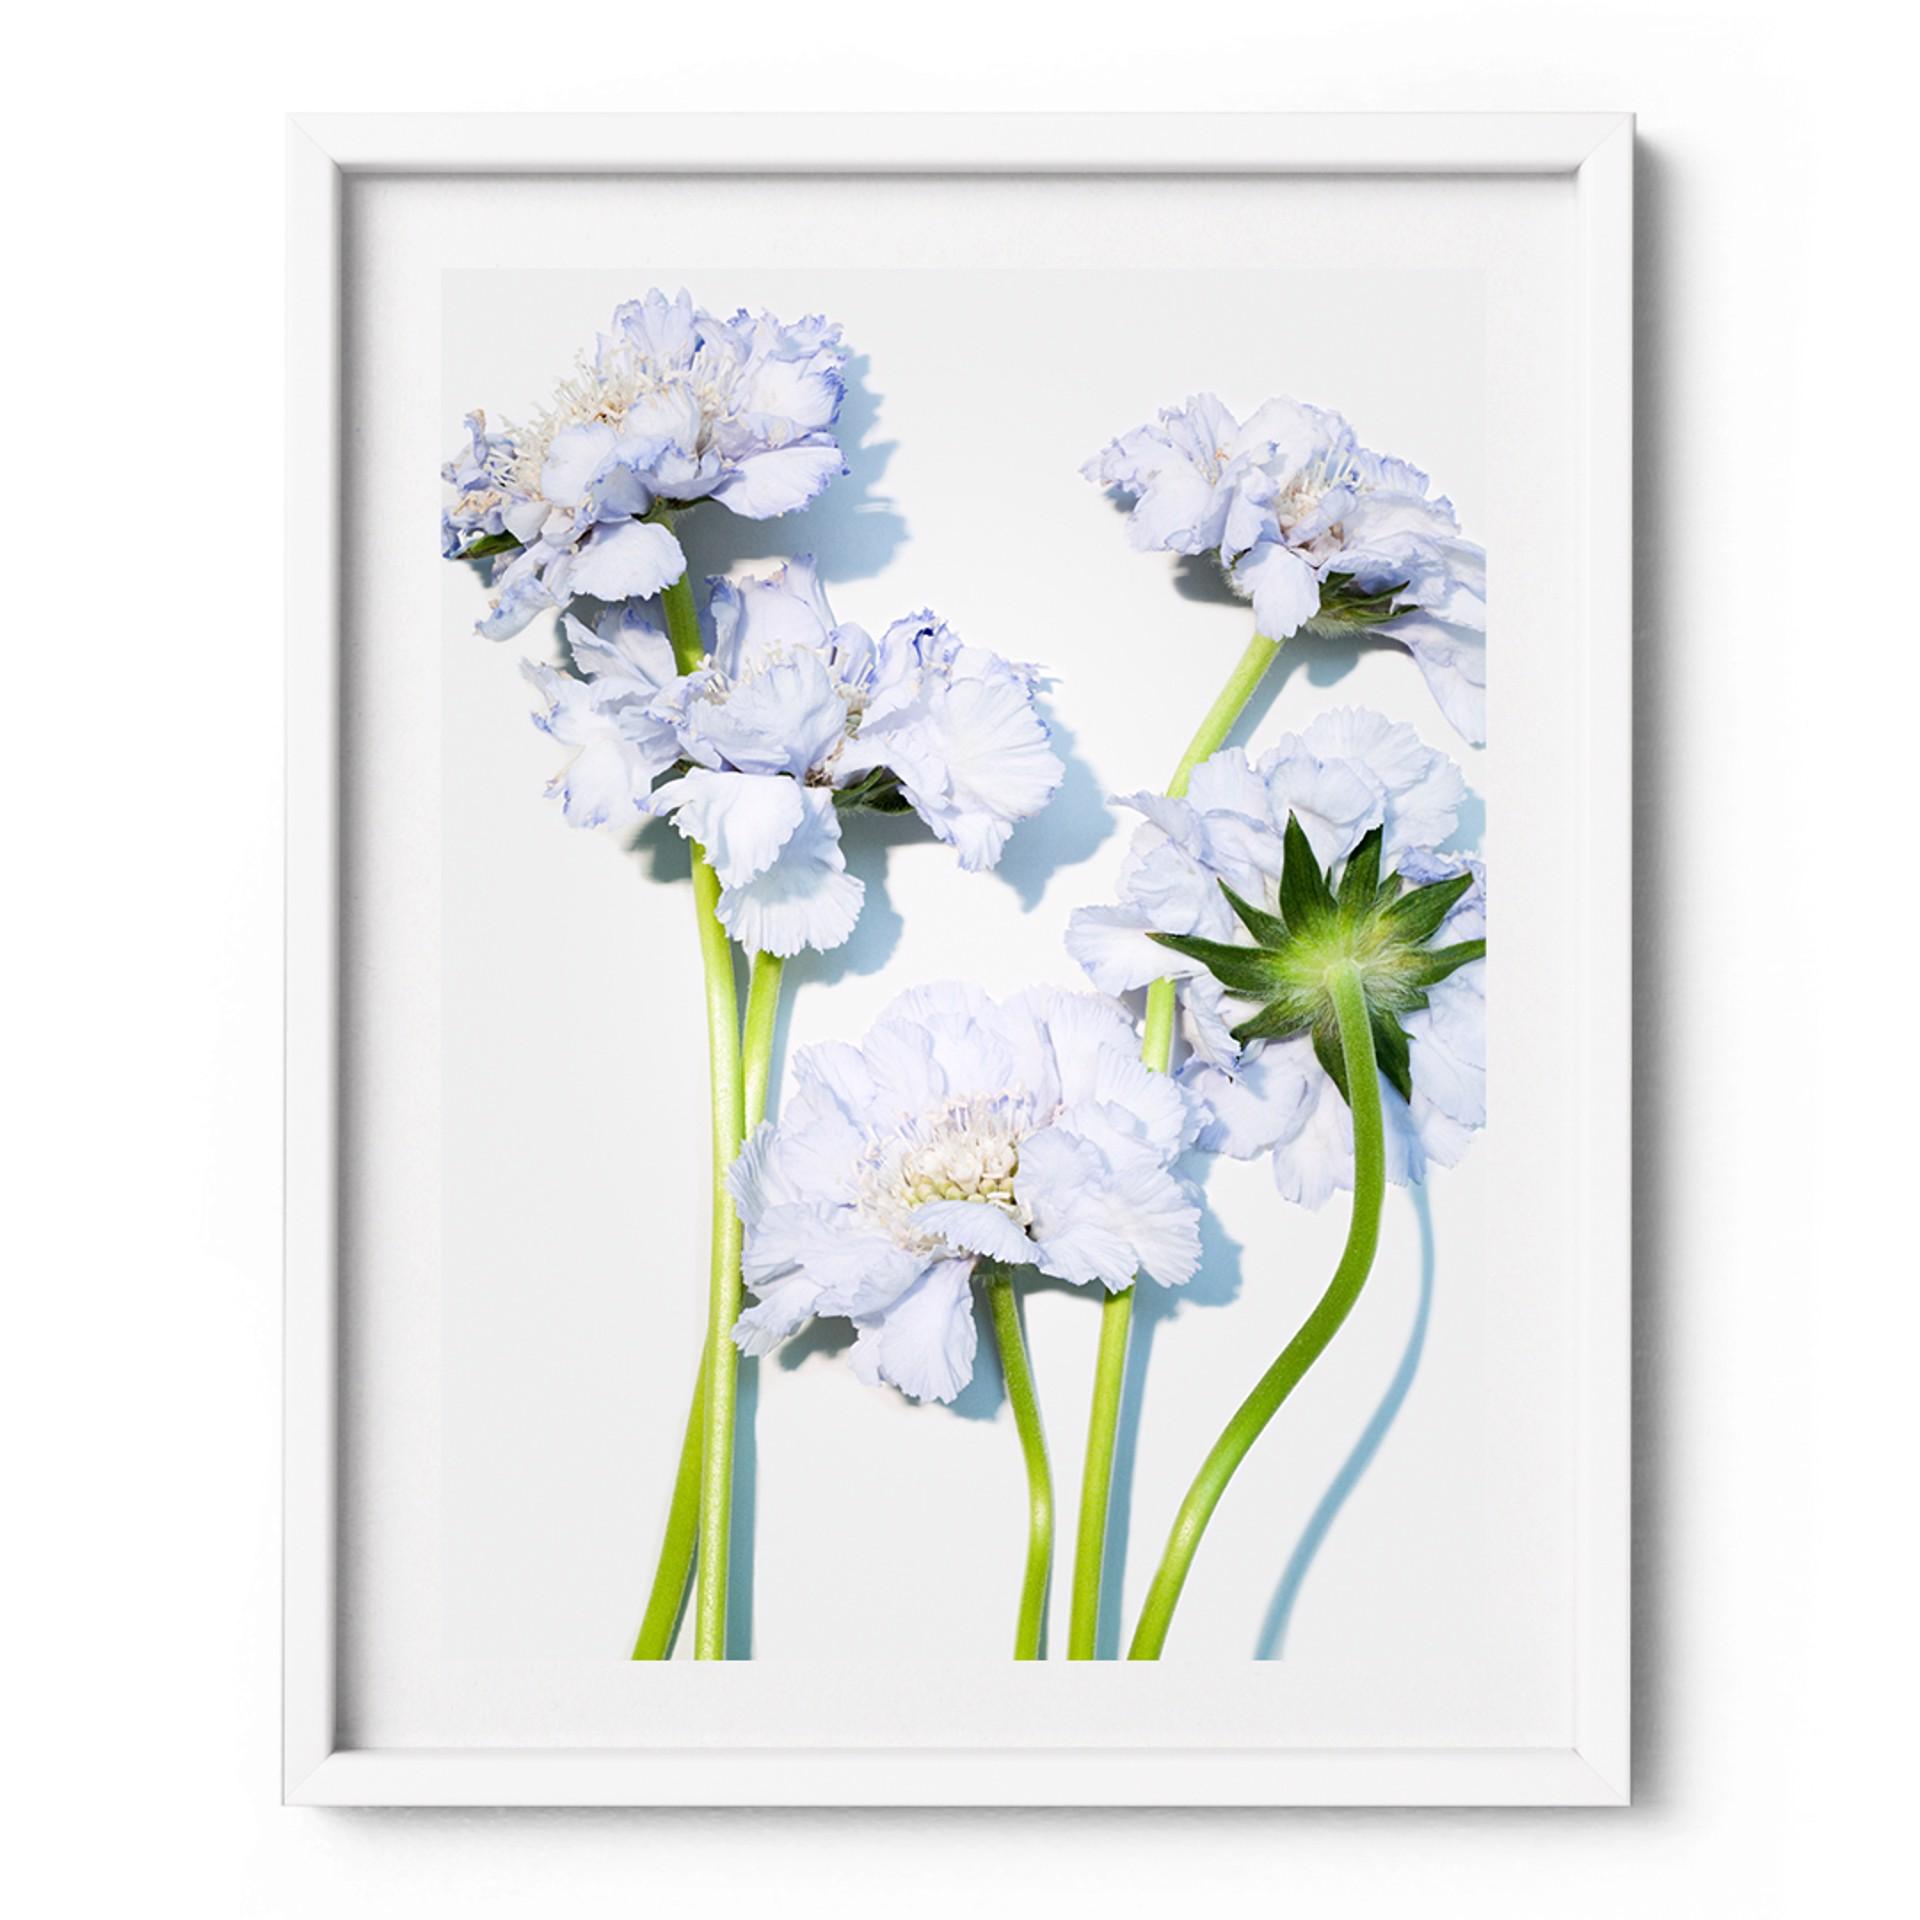 Flower #2 by Gabriella Imperatori-Penn